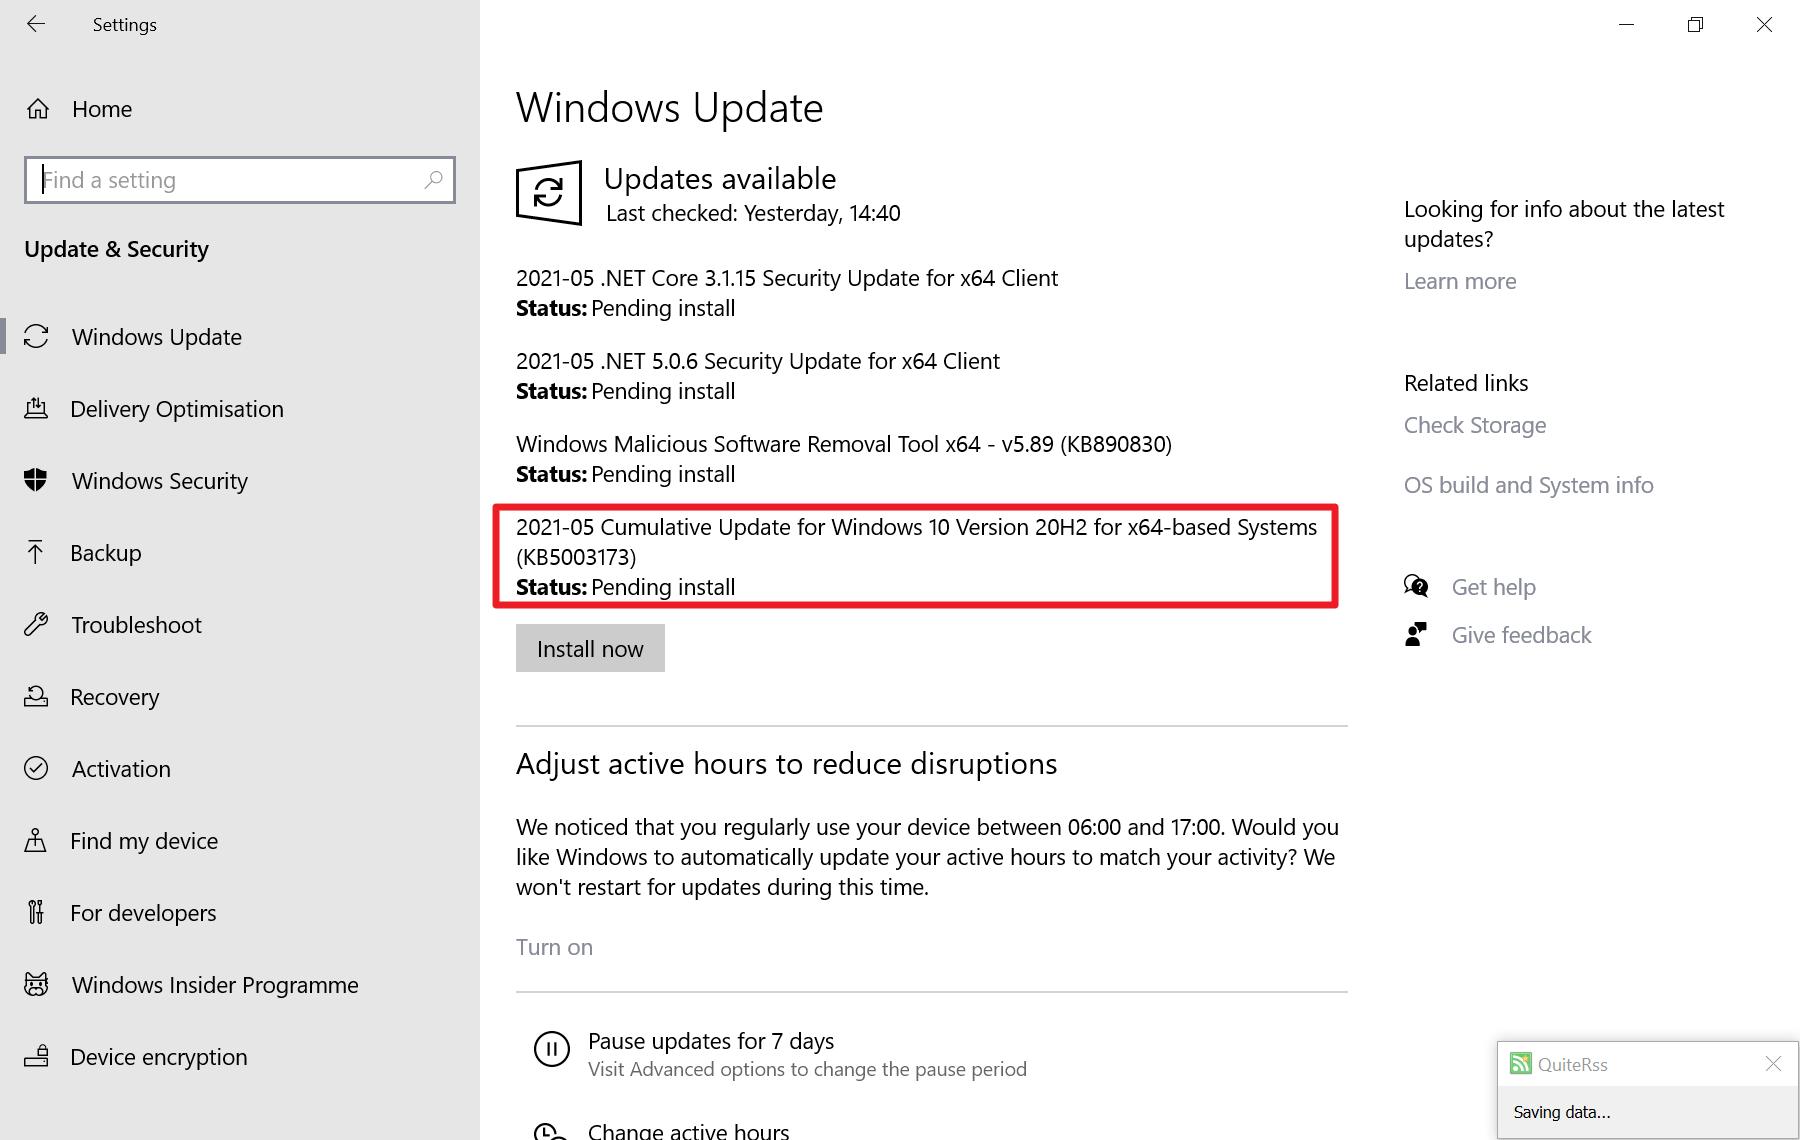 kb5003173-error-during-update-installation-0x800f0922